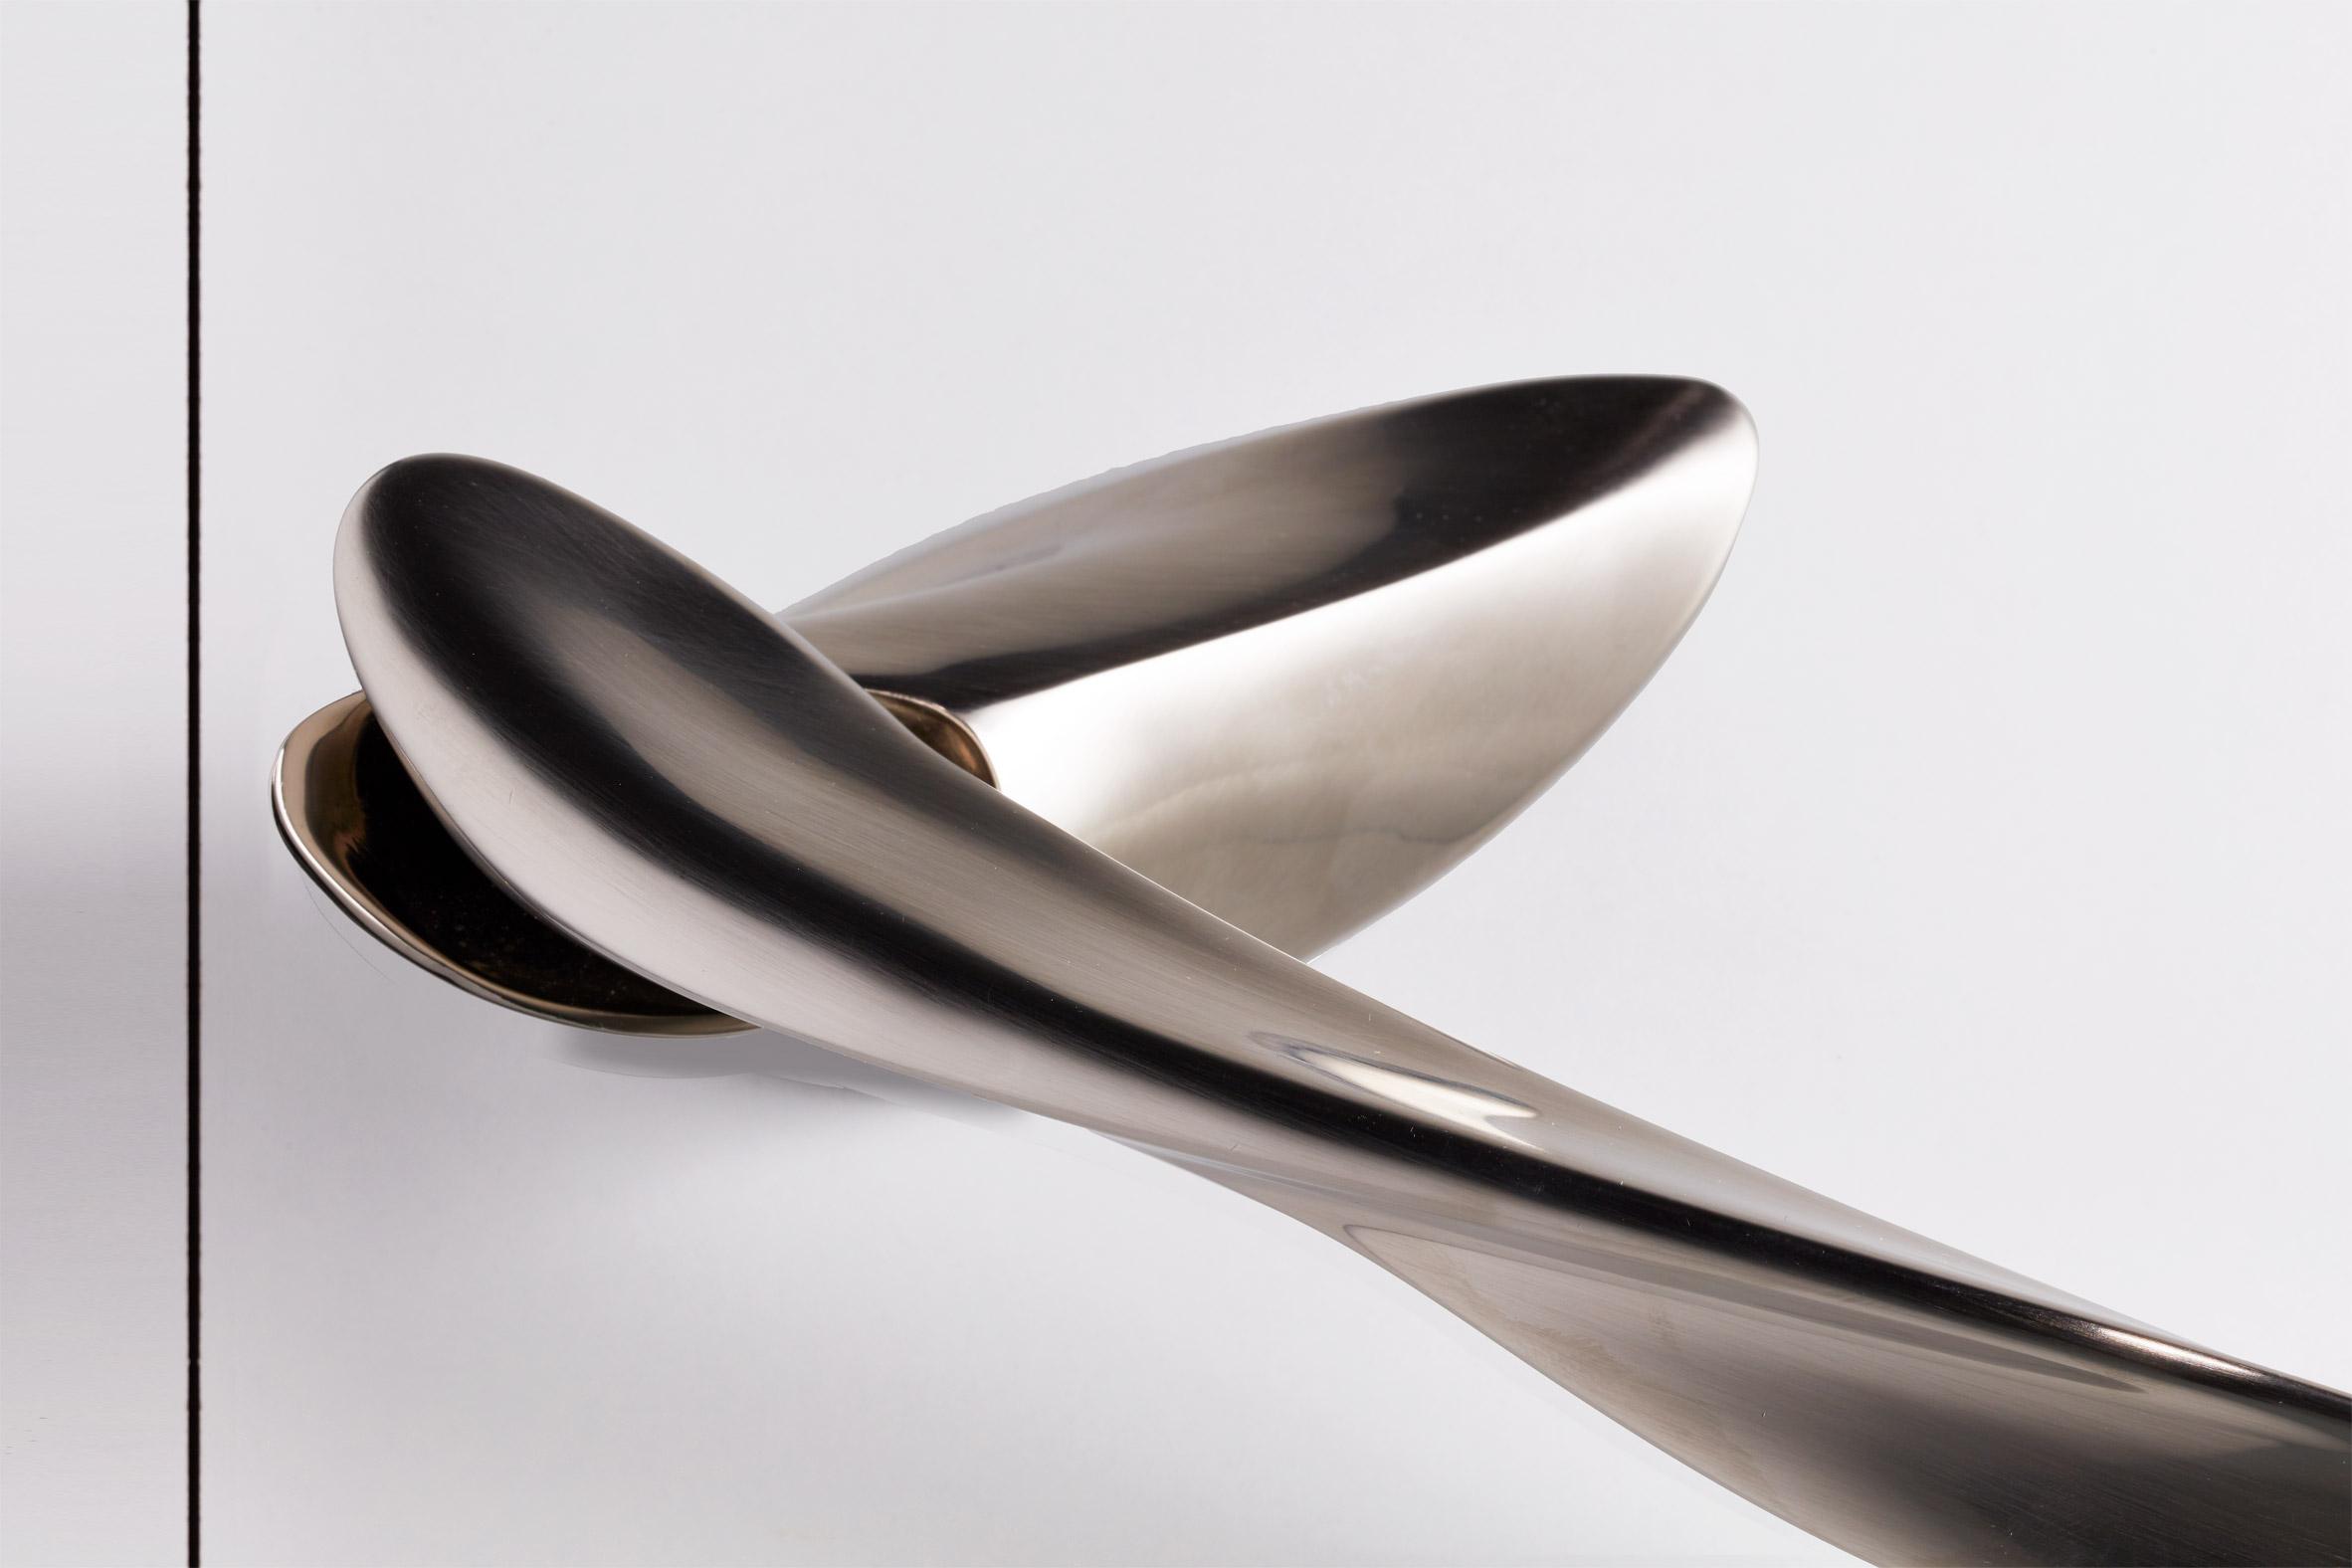 Silver Nexxa door handle by Zaha Hadid Architects and Izé